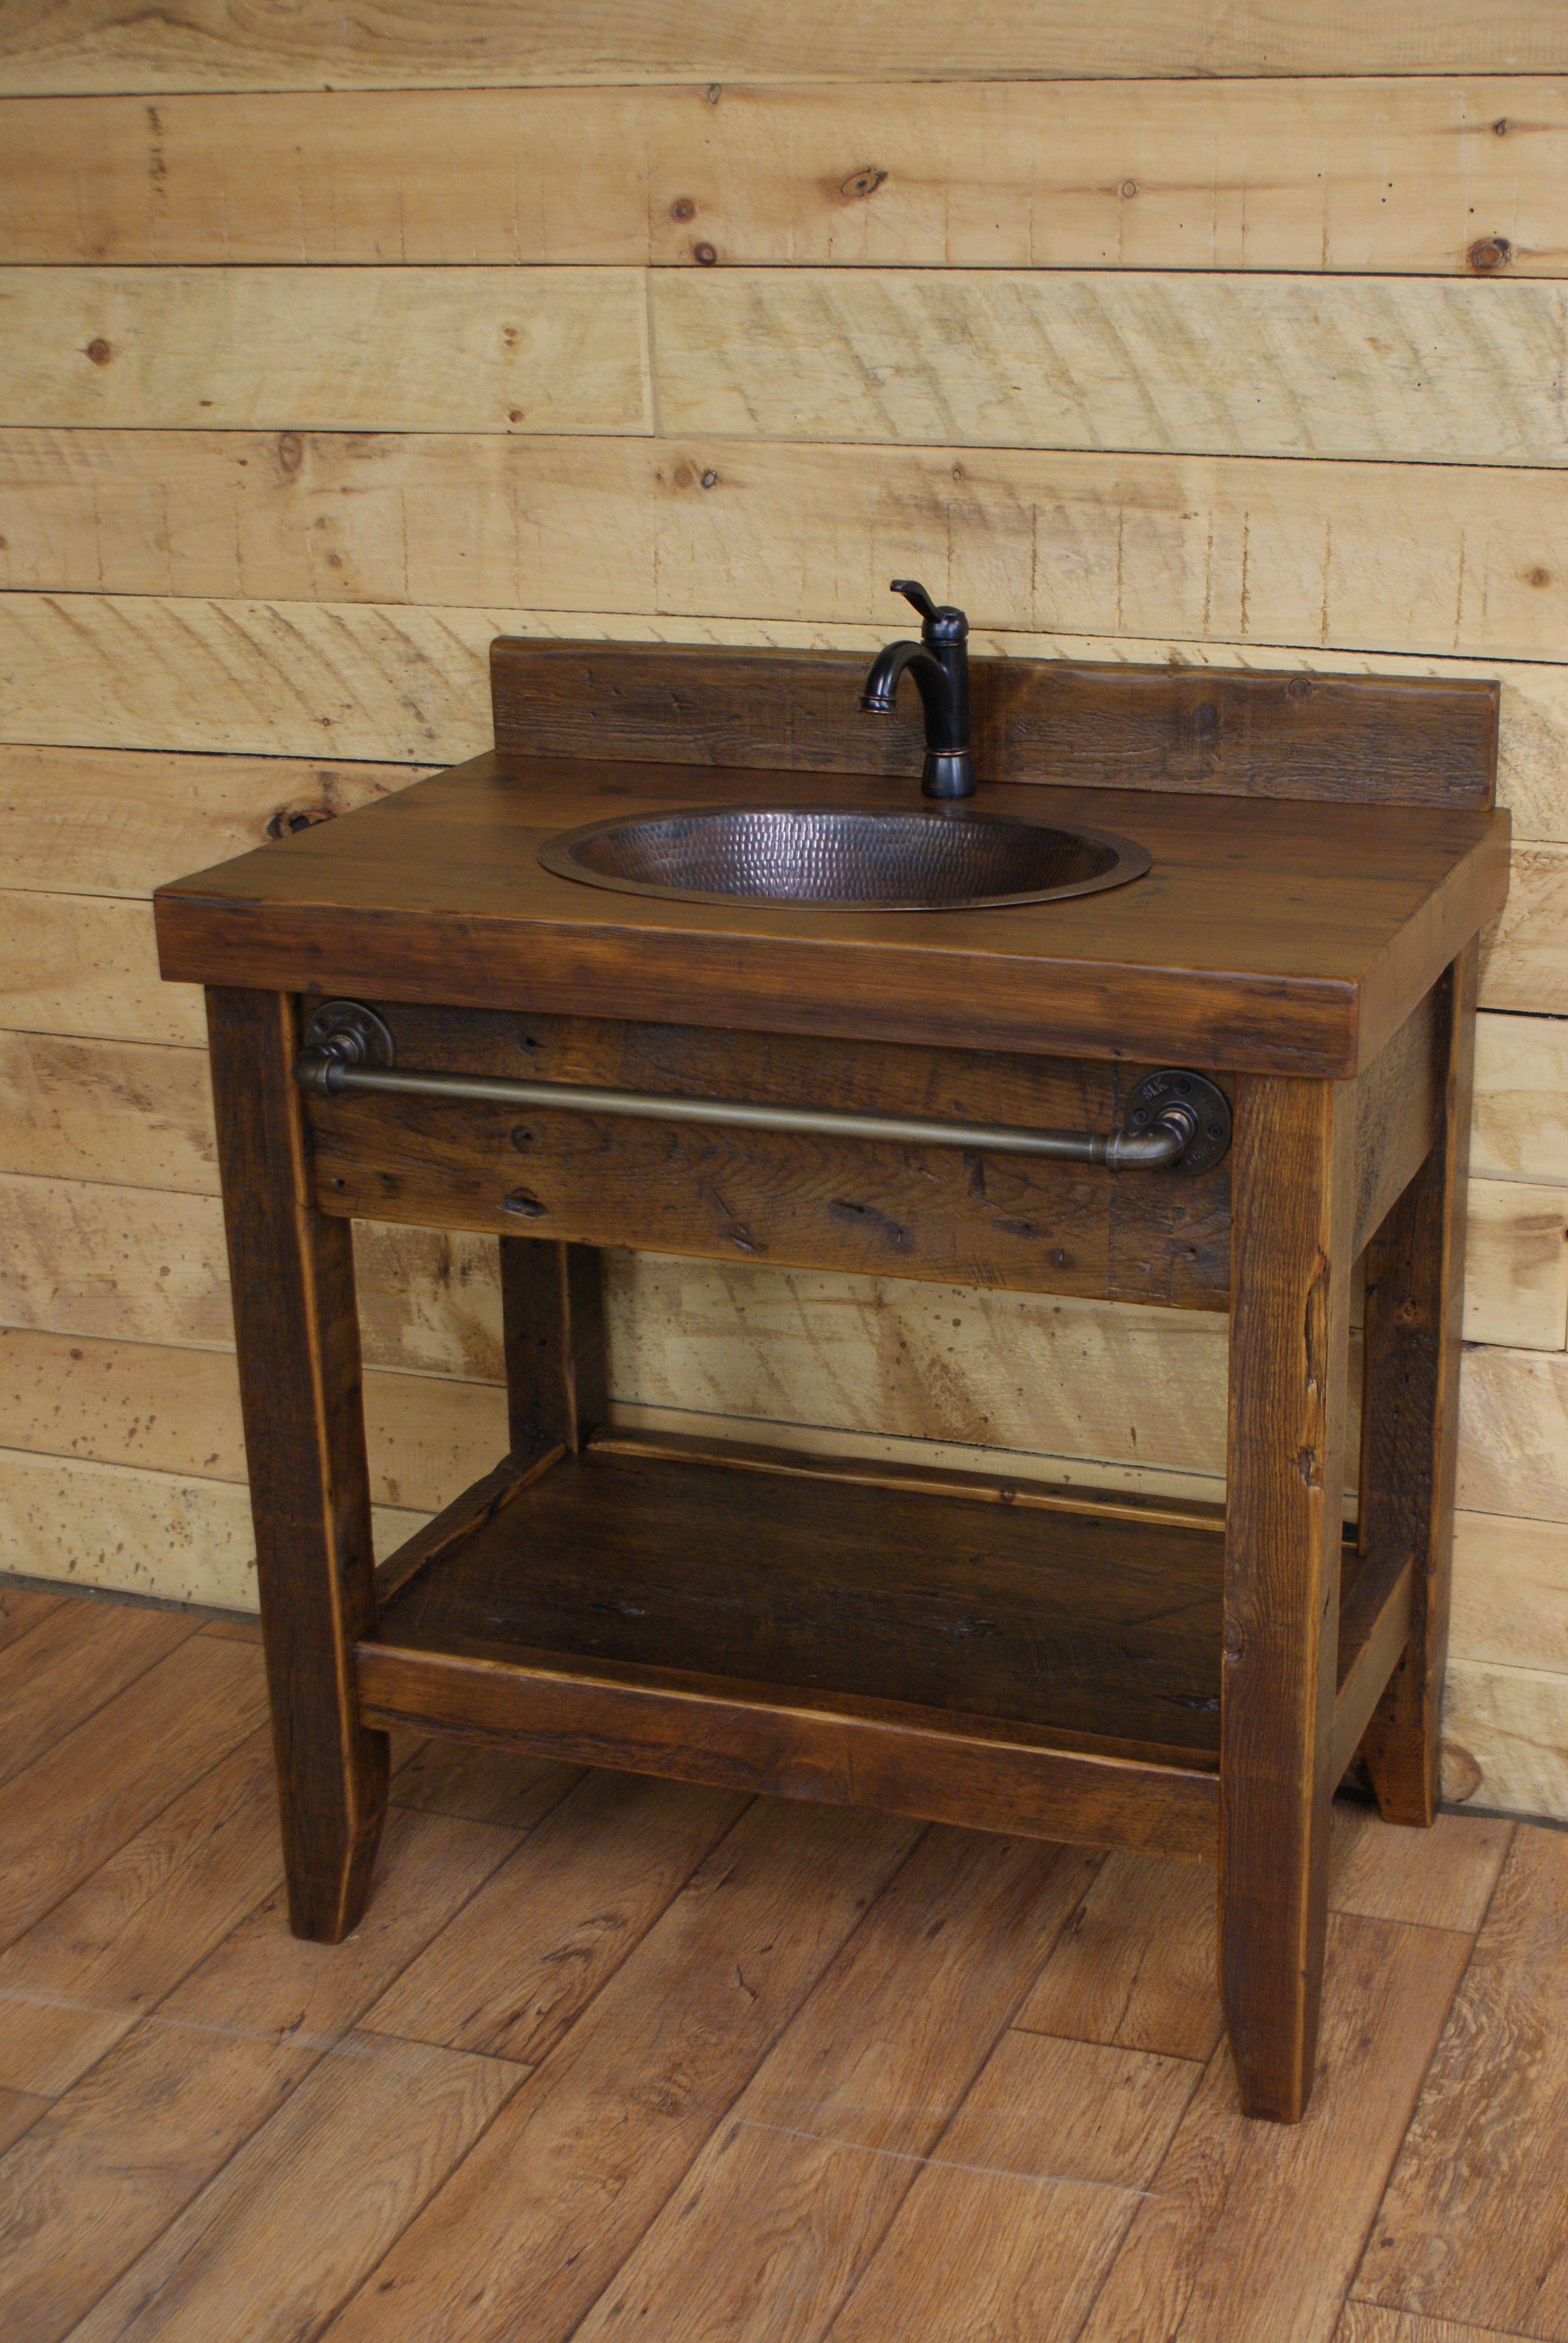 25 Rustic Style Ideas With Rustic Bathroom Vanities Kupeľne Umyvadla Vintage Kuchyne